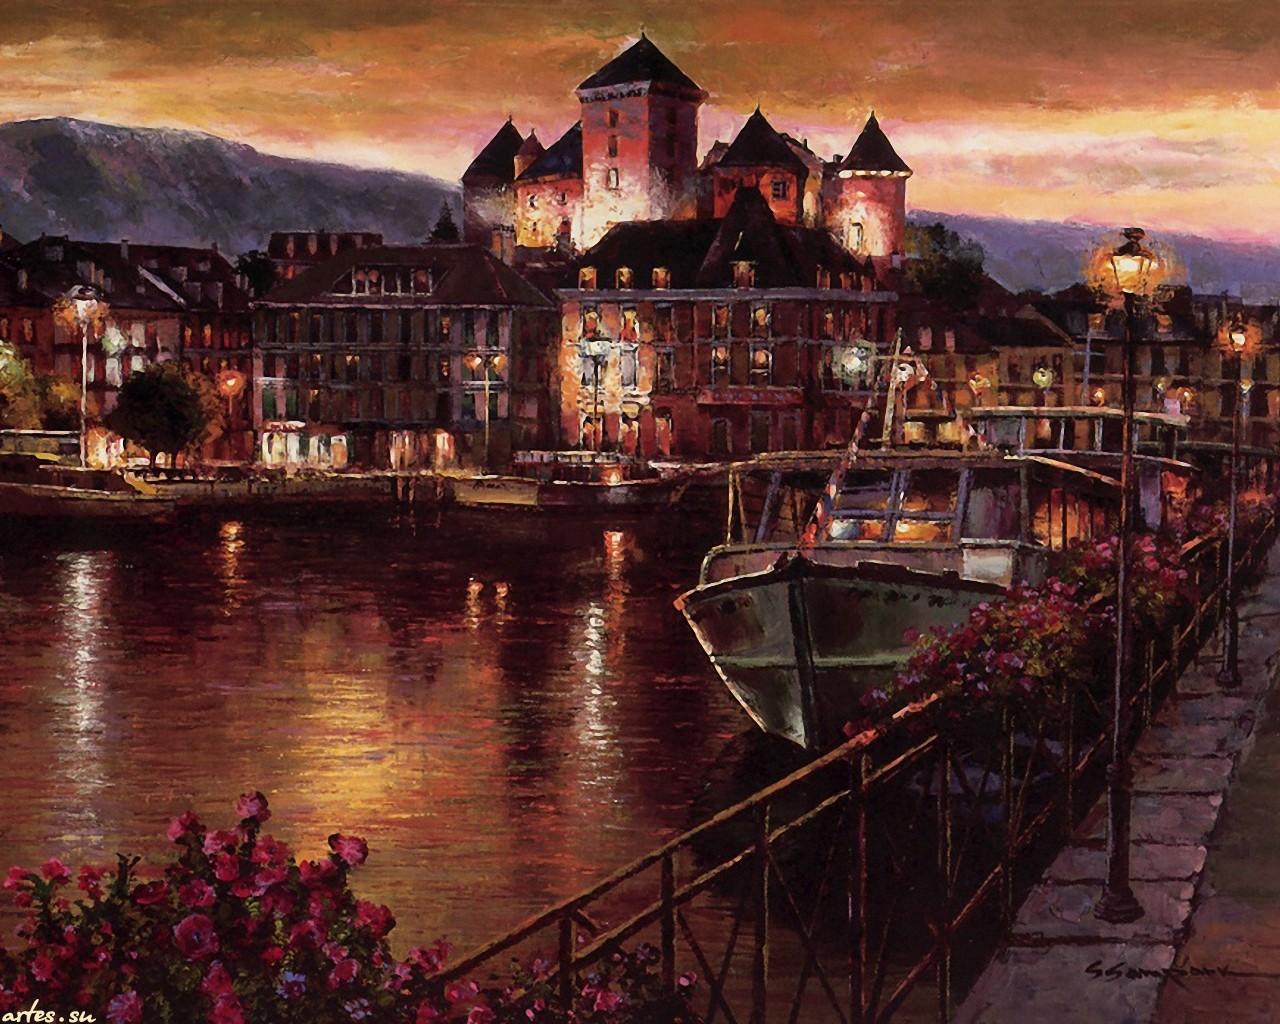 Скачать обои  пейзаж, ночной Анси, Франция, Sung Sam Park 1280x1024